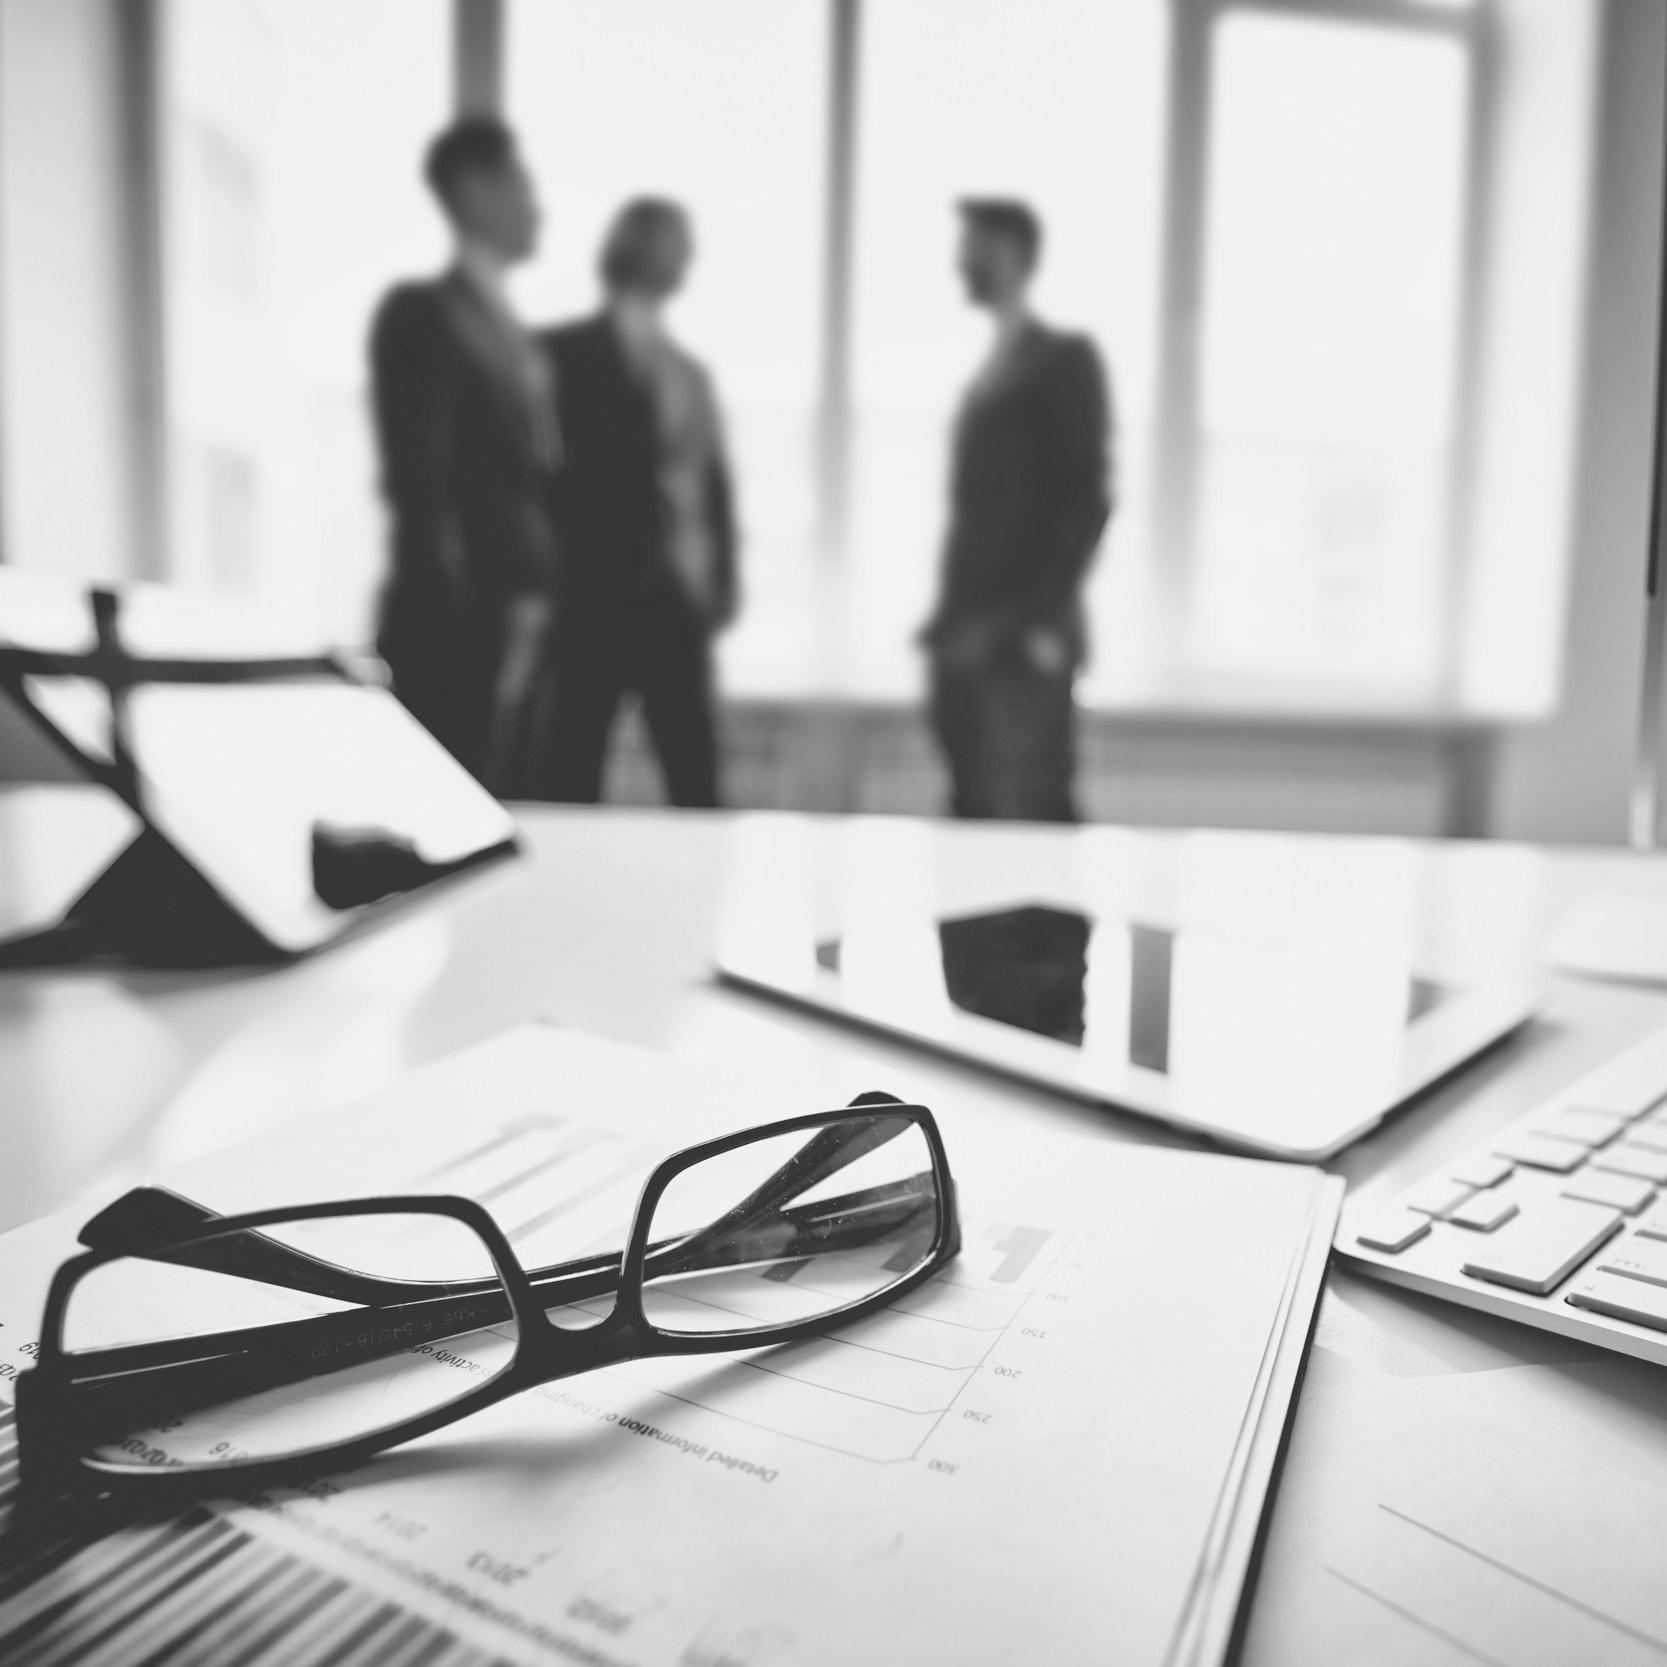 Vše důležité pod střechou jediné ostřílené aplikace - ORBIT VirtuaControl je taková, jakou ji chtějí klienti. Osvědčené funkce vylepšujeme, s nevyužívanými se loučíme. Výsledkem je spolehlivý nástroj, který firmám šetří finanční prostředky, pomáhá uživatelům a zavazuje vděčností vaše administrátory.